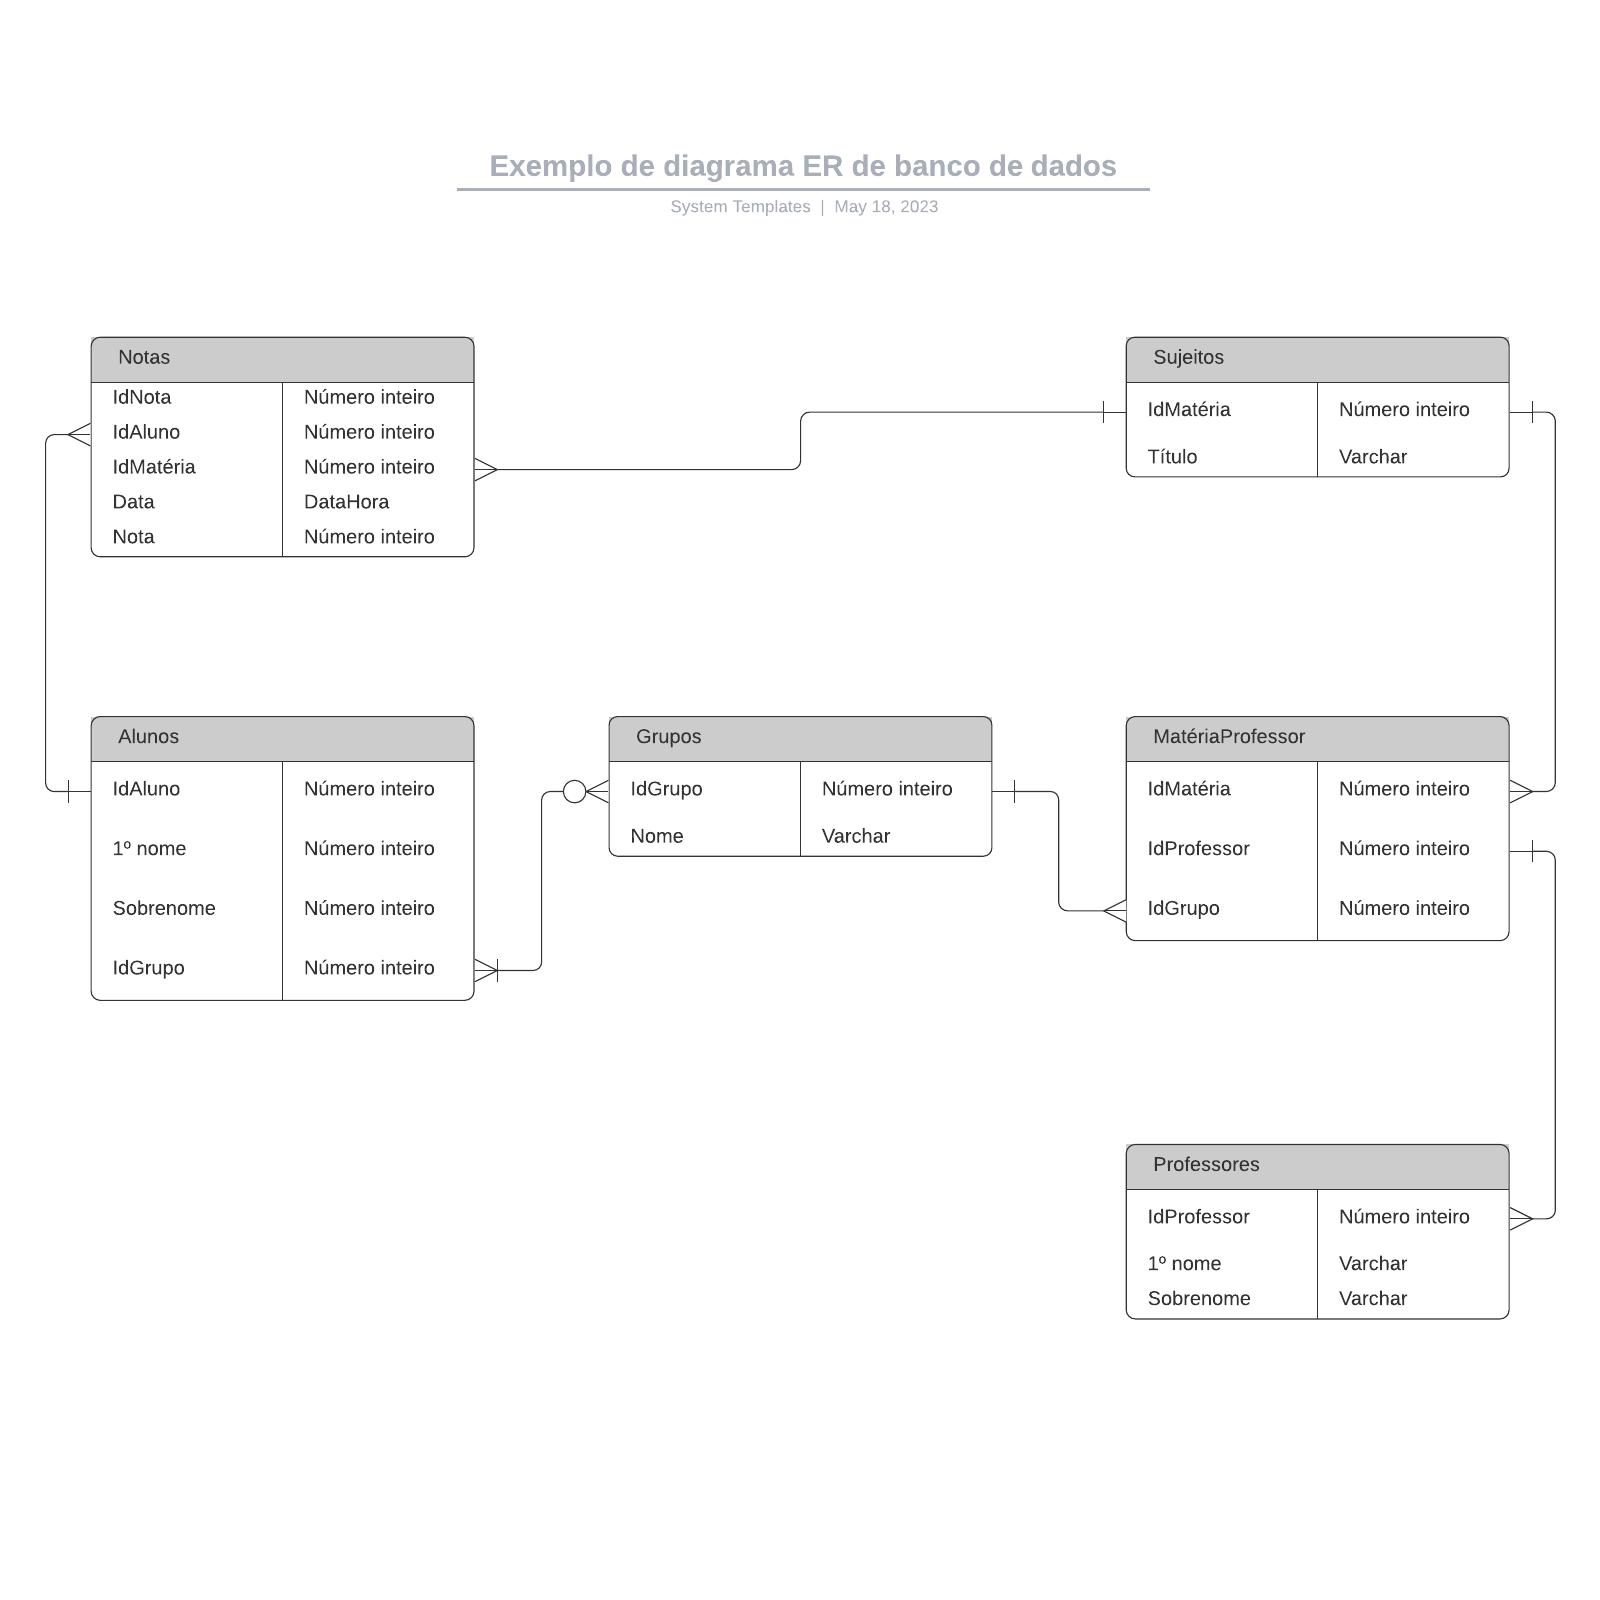 Exemplo de diagrama ER de banco de dados